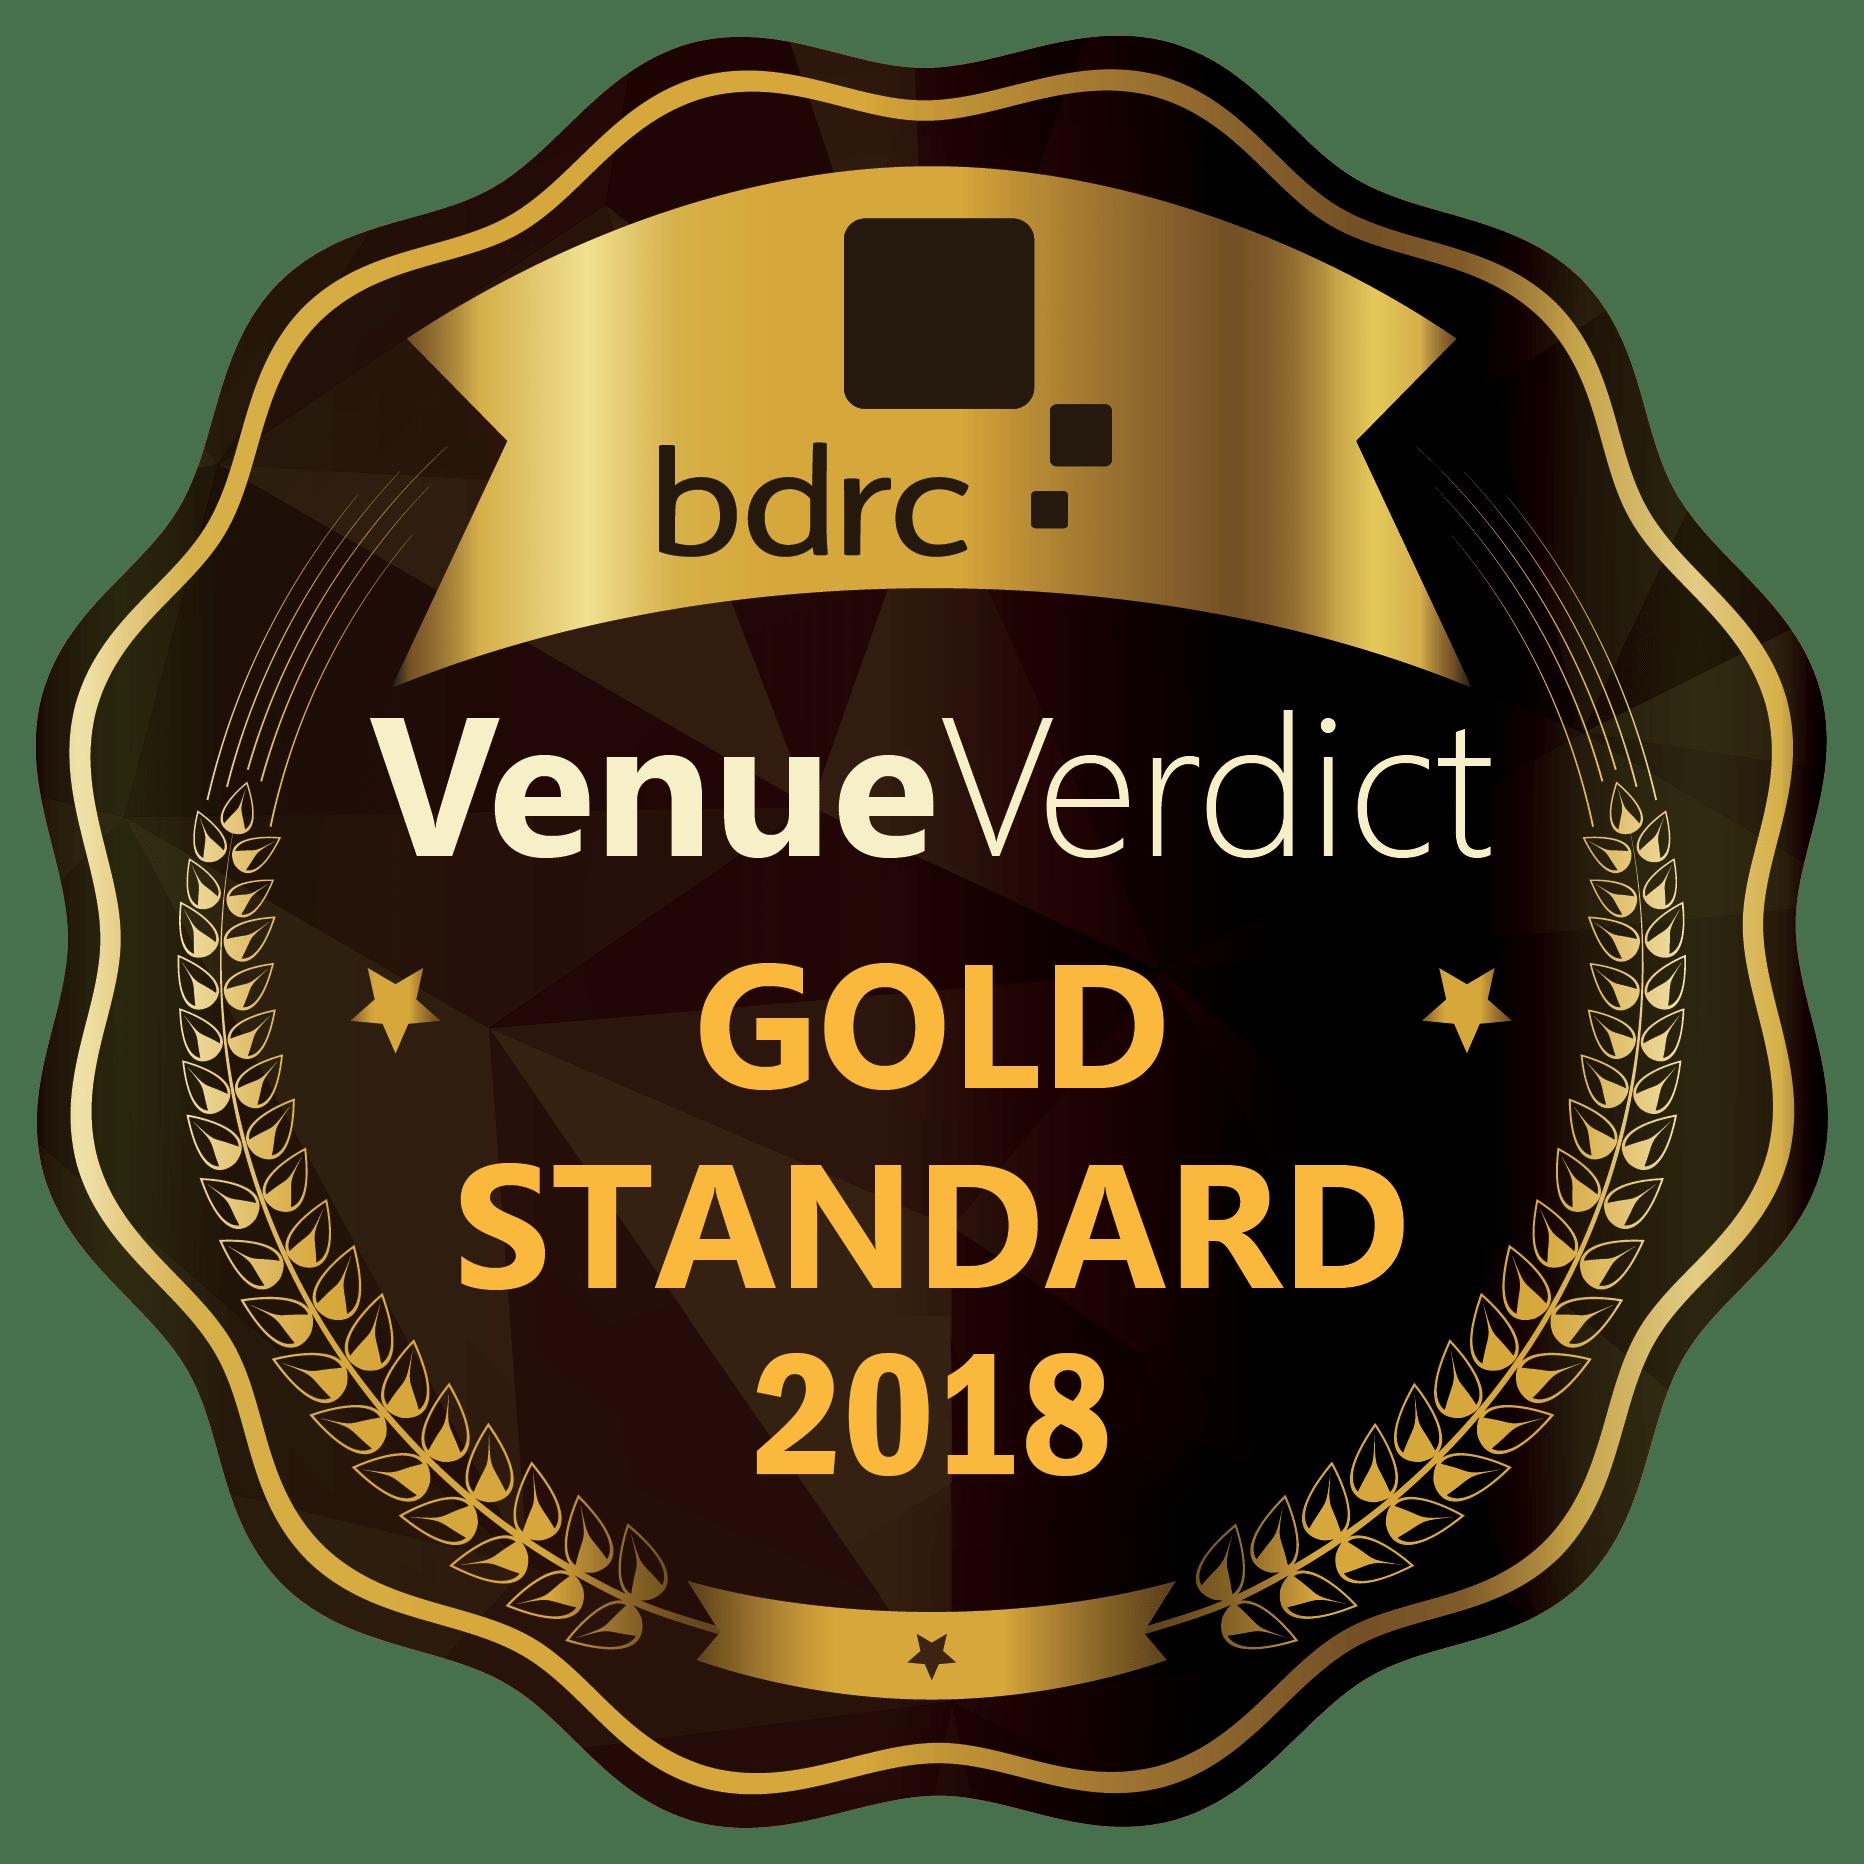 Gold Standard 2018